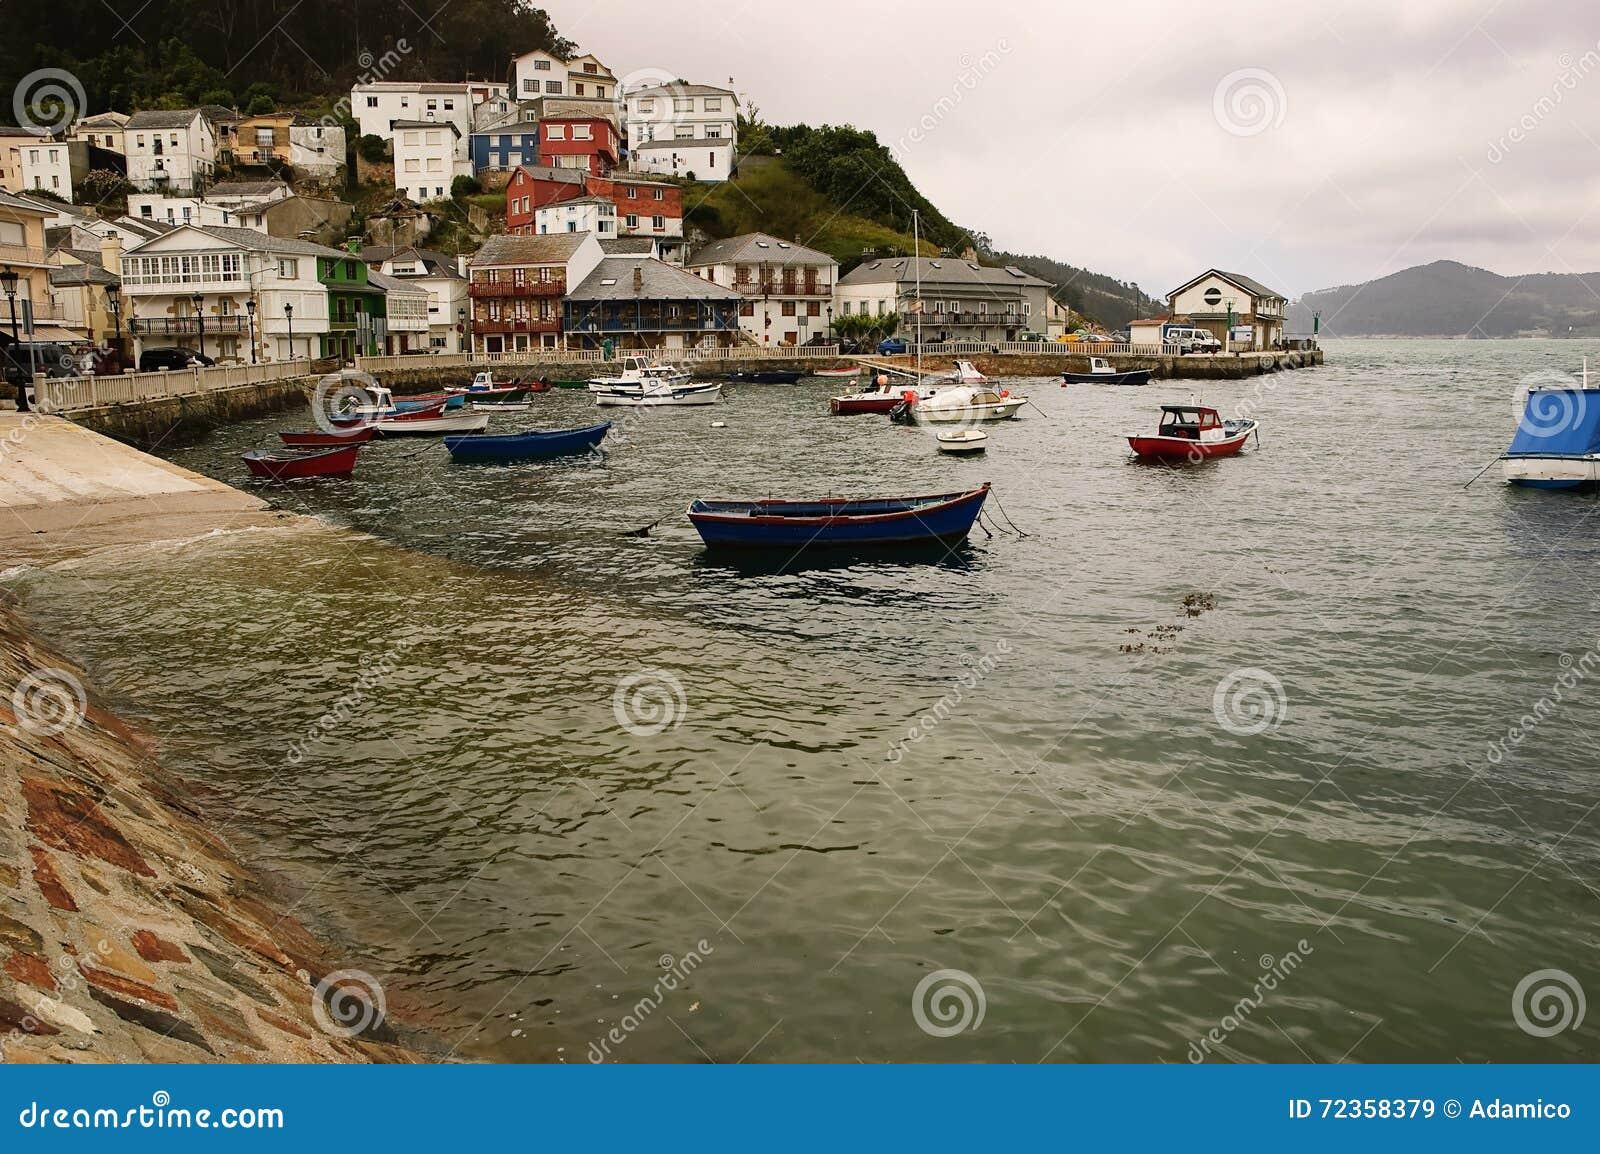 波尔图做Barqueiro :有港口的小村庄在加利西亚